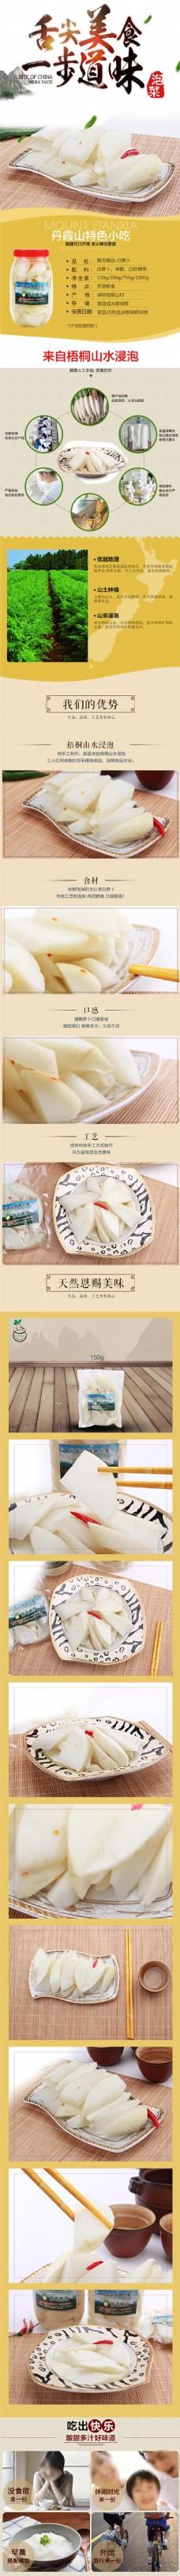 天猫淘宝电商美食小吃萝卜一步道味详情页psd模板